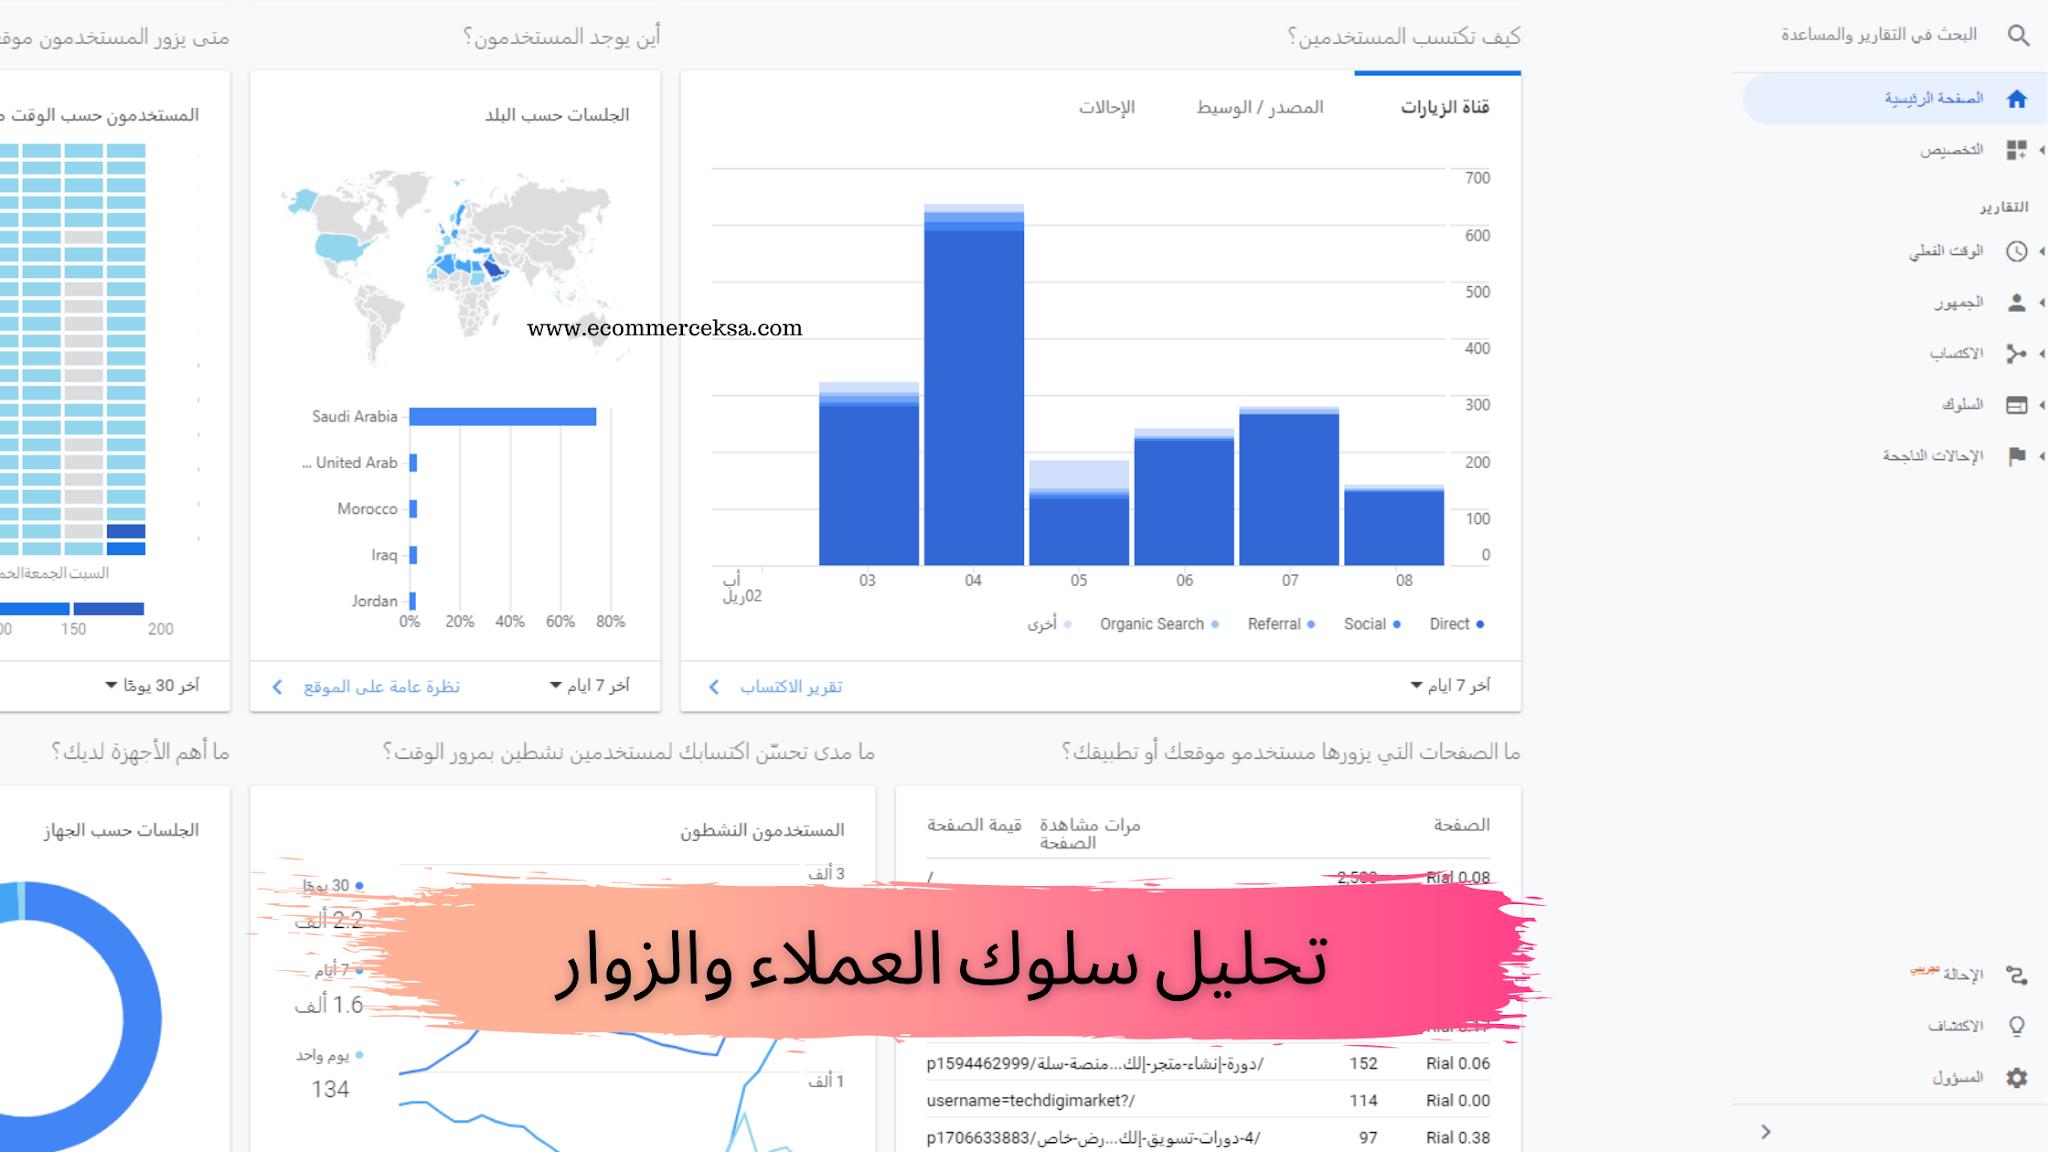 صفحة لوحة التحكم في إحصاءات قوقل